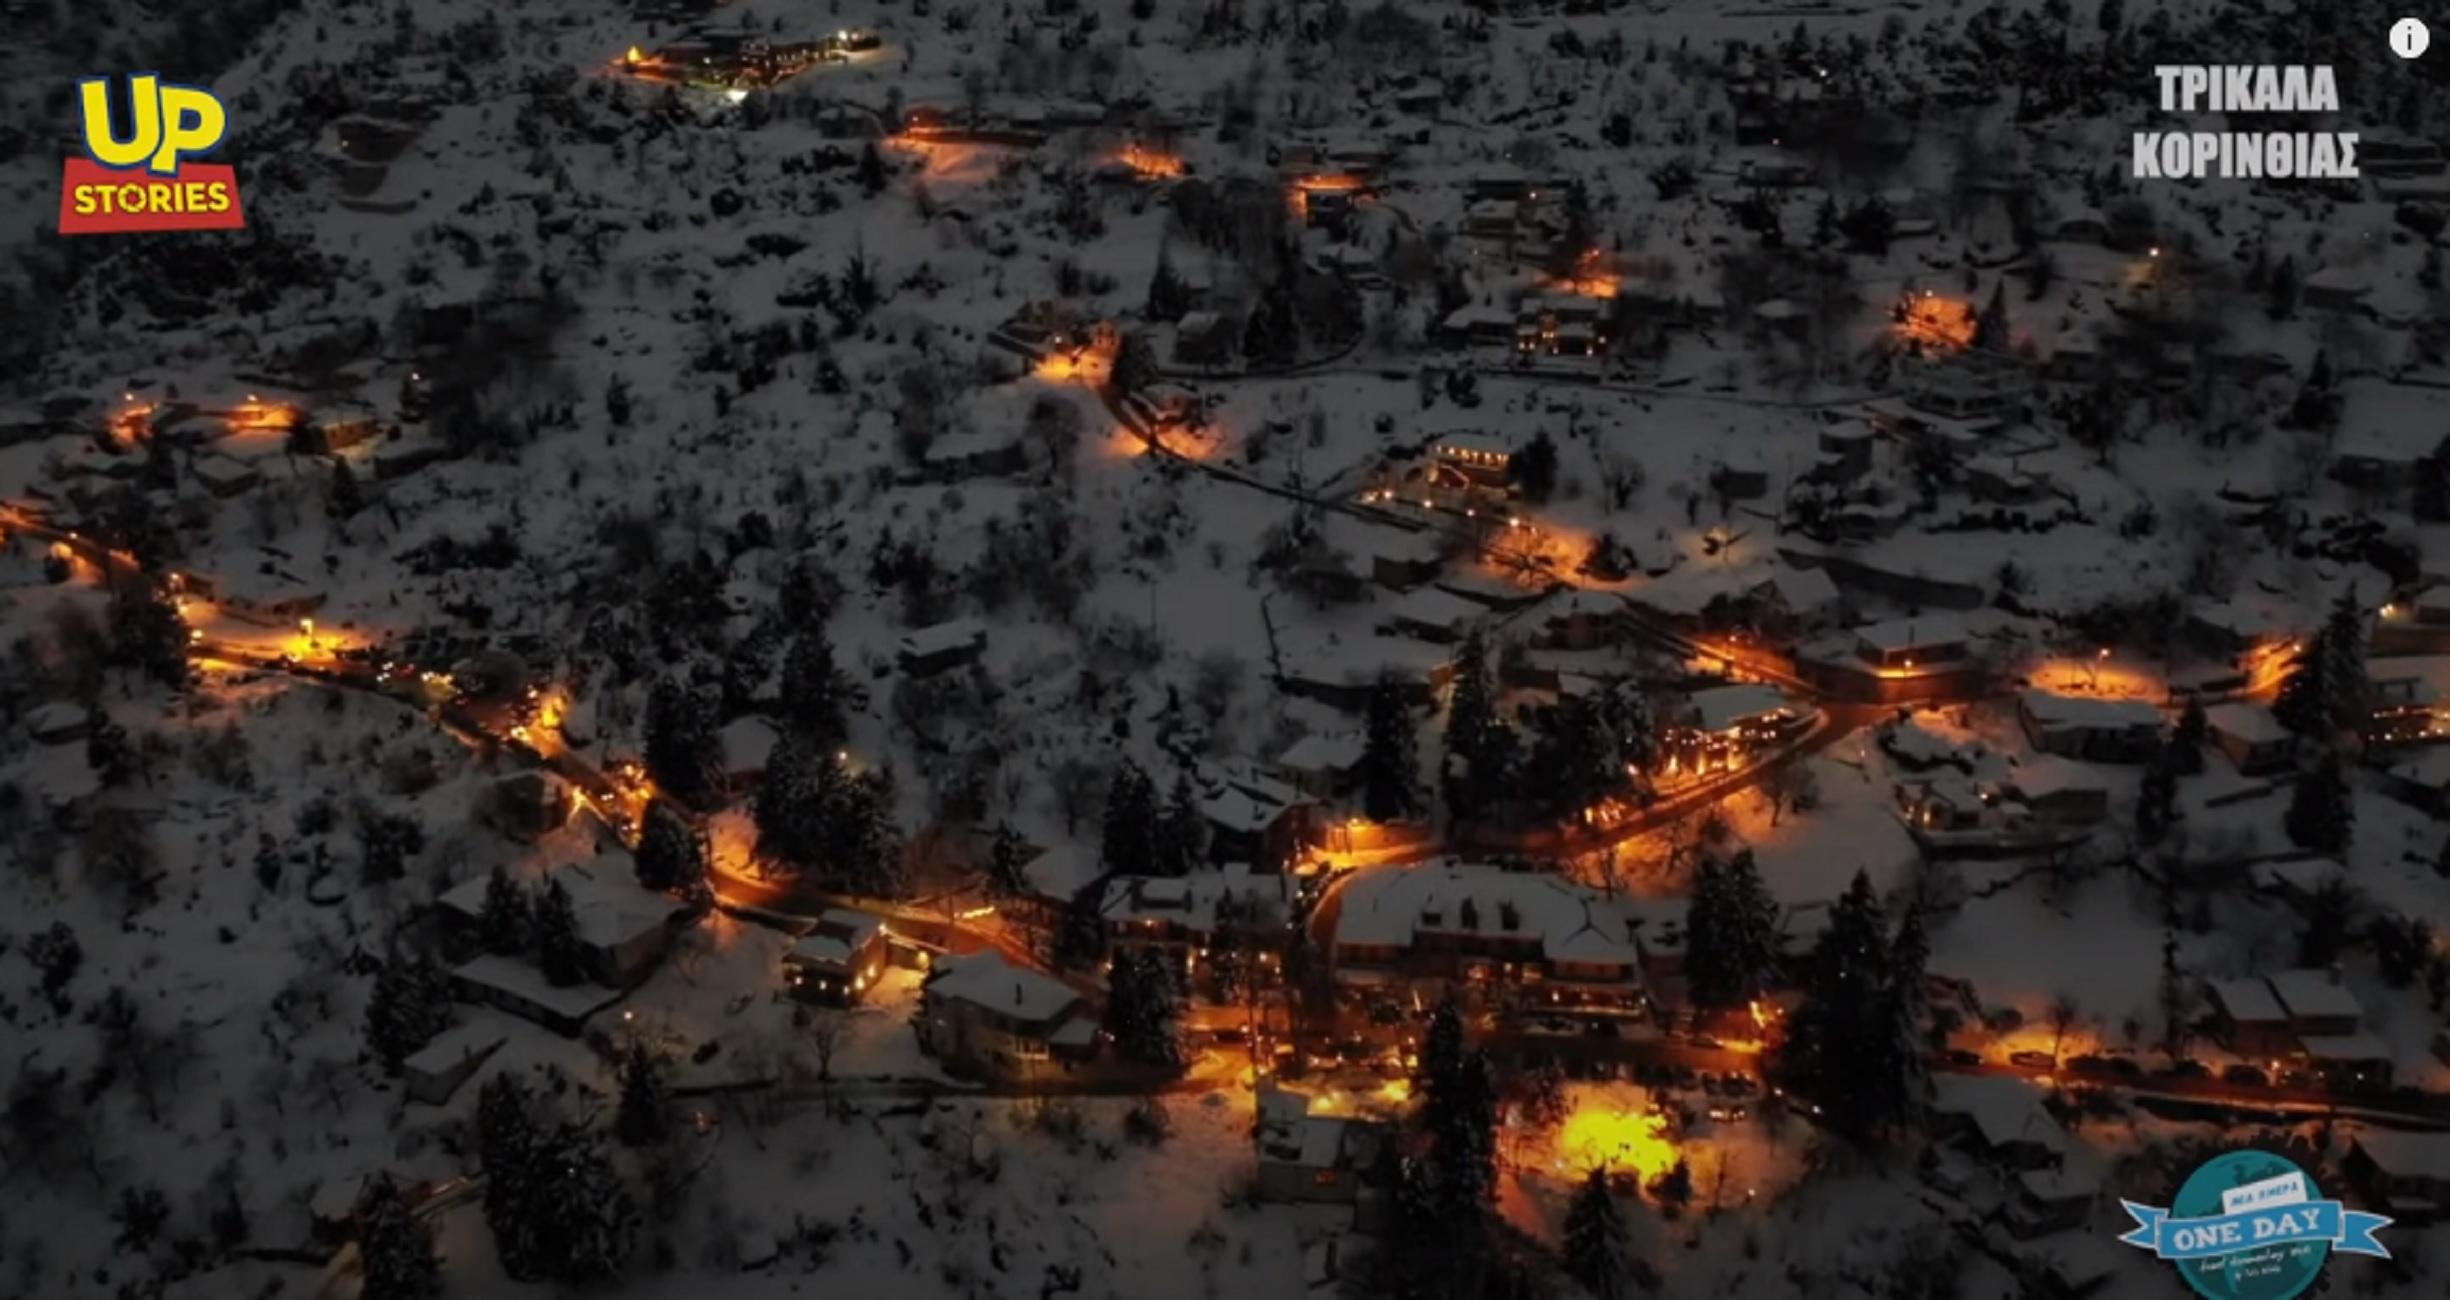 Καιρός – Λέανδρος: Τρίκαλα Κορινθίας και… τύφλα να έχει η Ελβετία – Δείτε τις εικόνες λευκής μαγείας (video)